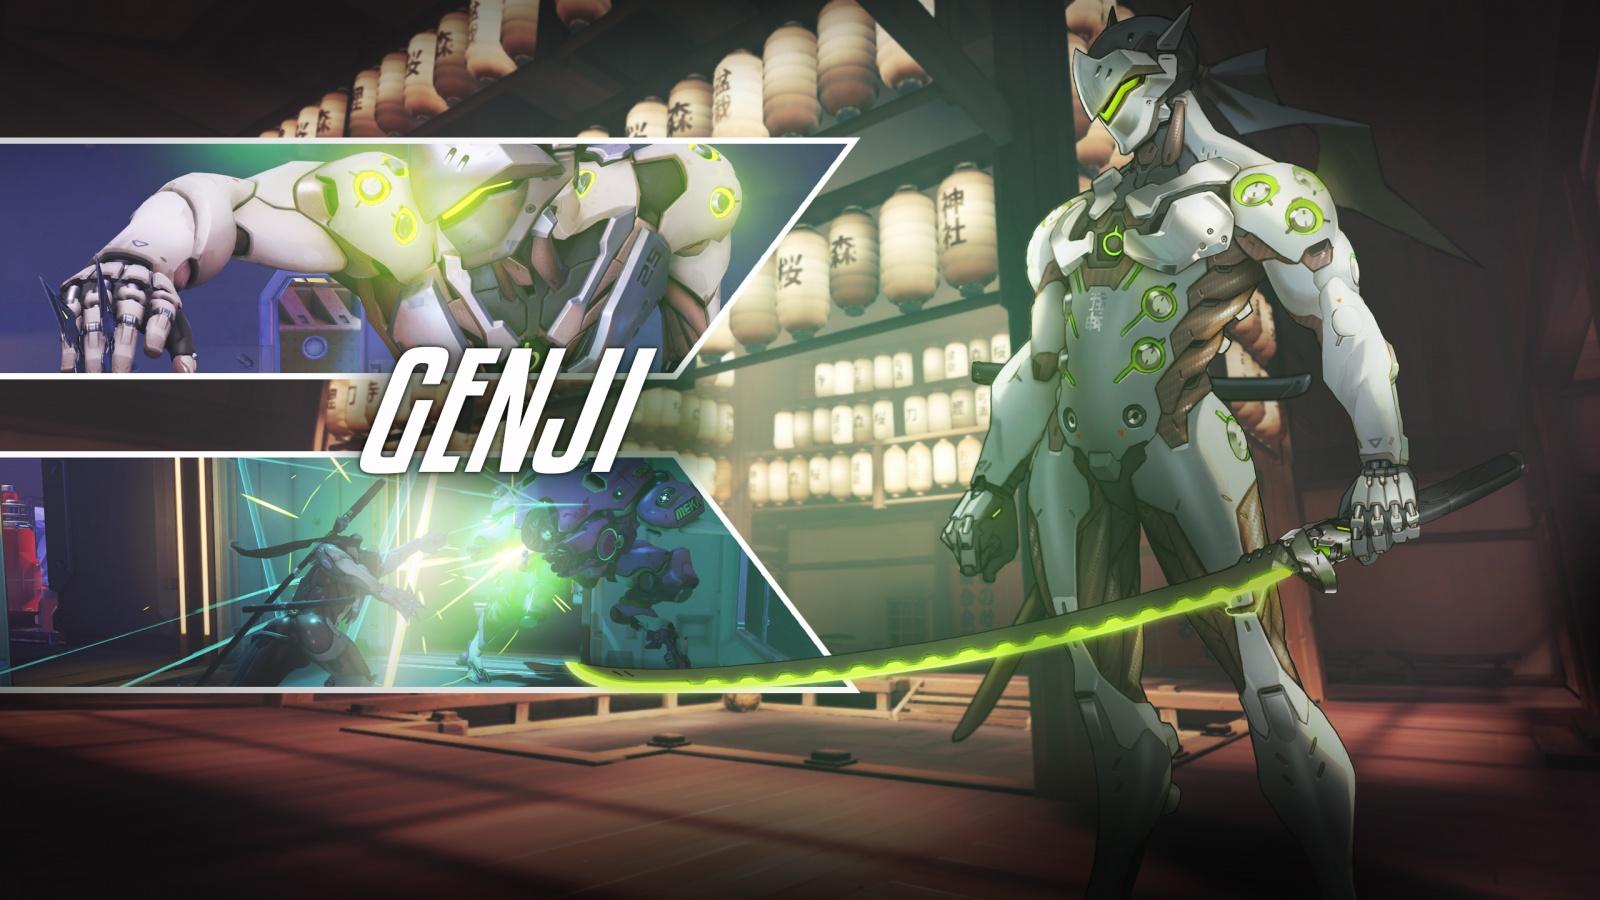 Genji Overwatch Wallpapers HD Wallpapers 1600x900